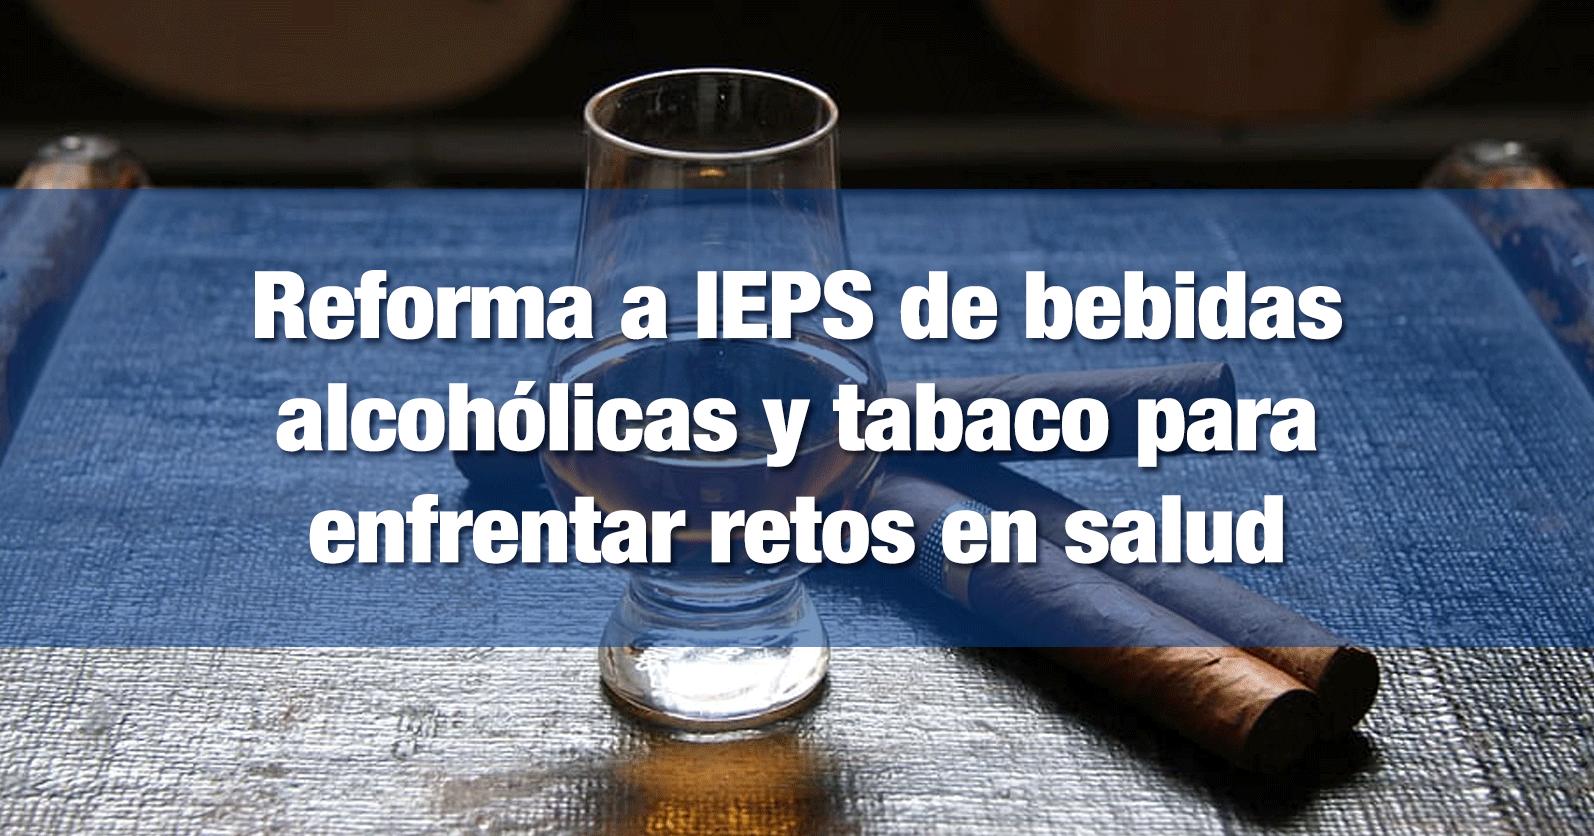 Reforma a IEPS de bebidas alcohólicas y tabaco para enfrentar retos en salud